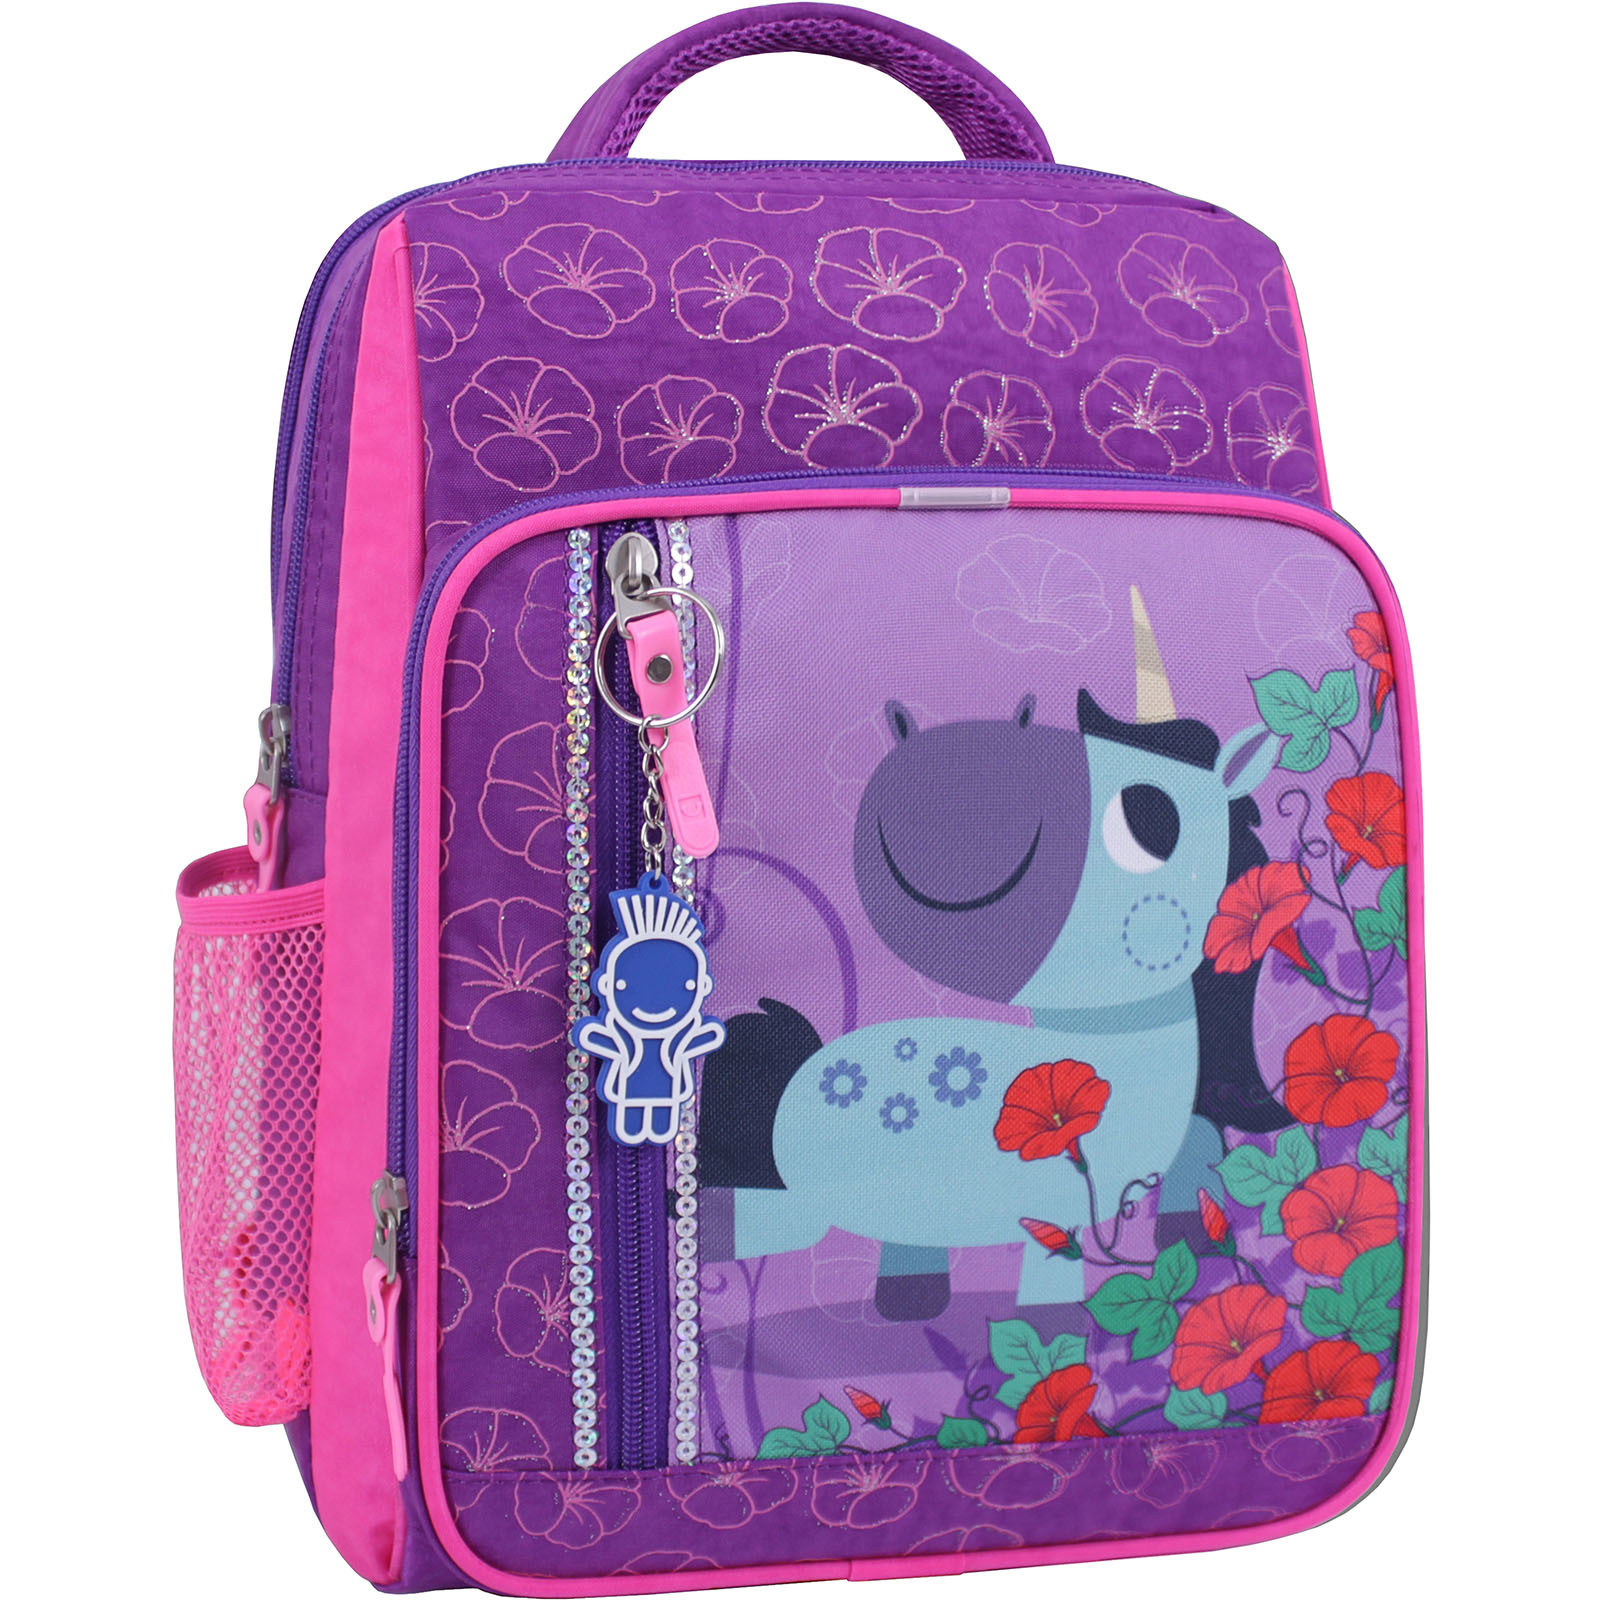 Детские рюкзаки Рюкзак школьный Bagland Школьник 8 л. фиолетовый 498 (0012870) IMG_1062_суб.498_.JPG